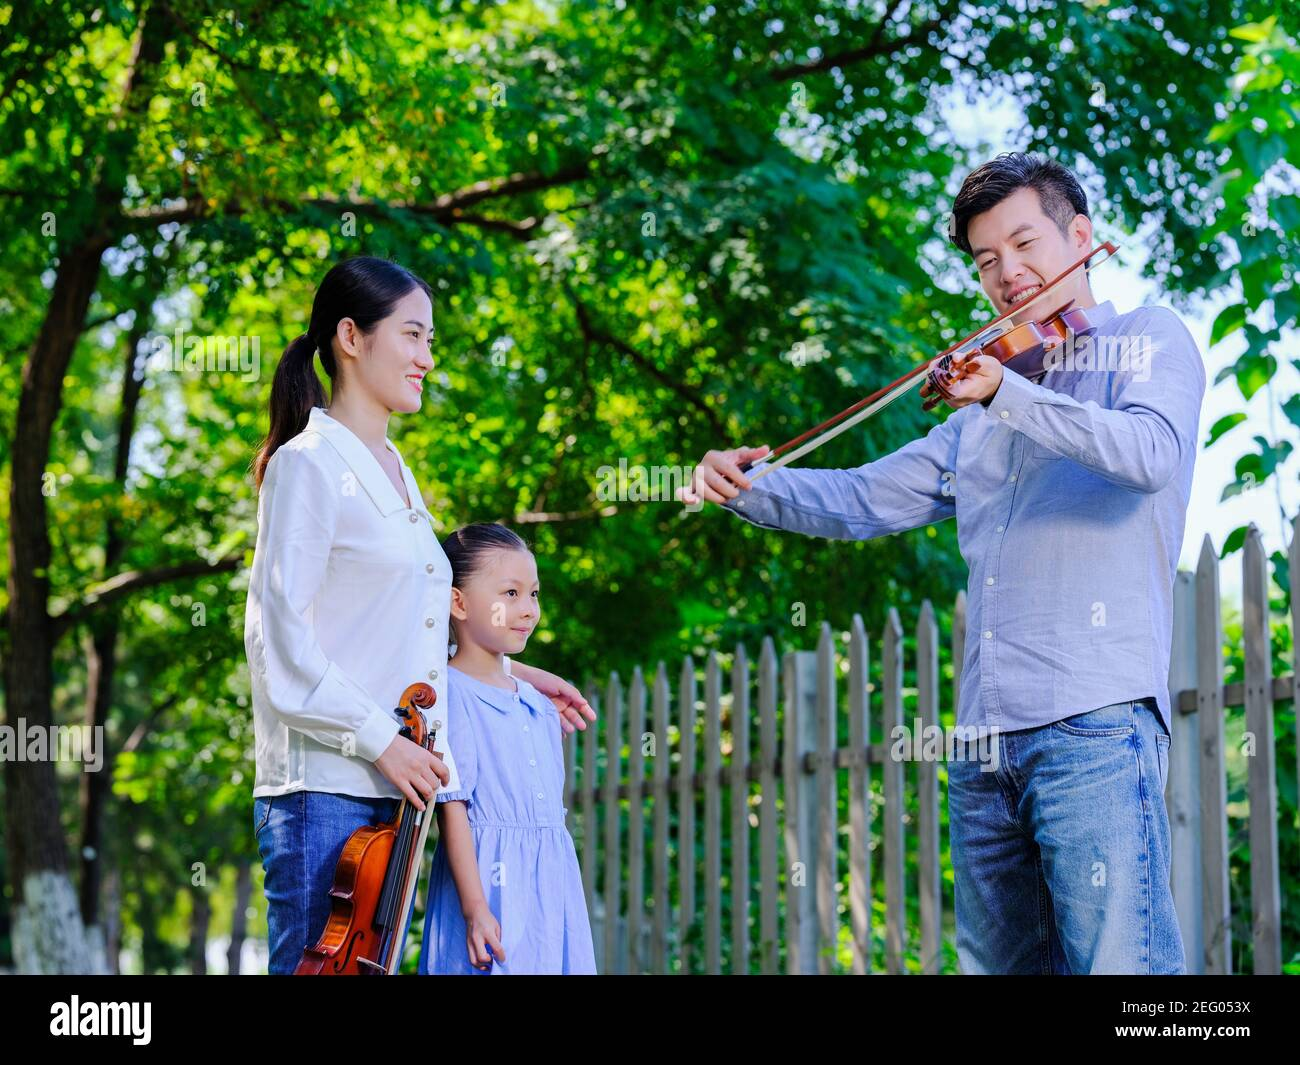 Un uomo che suona violino nel parco con la moglie e. figlia Foto Stock